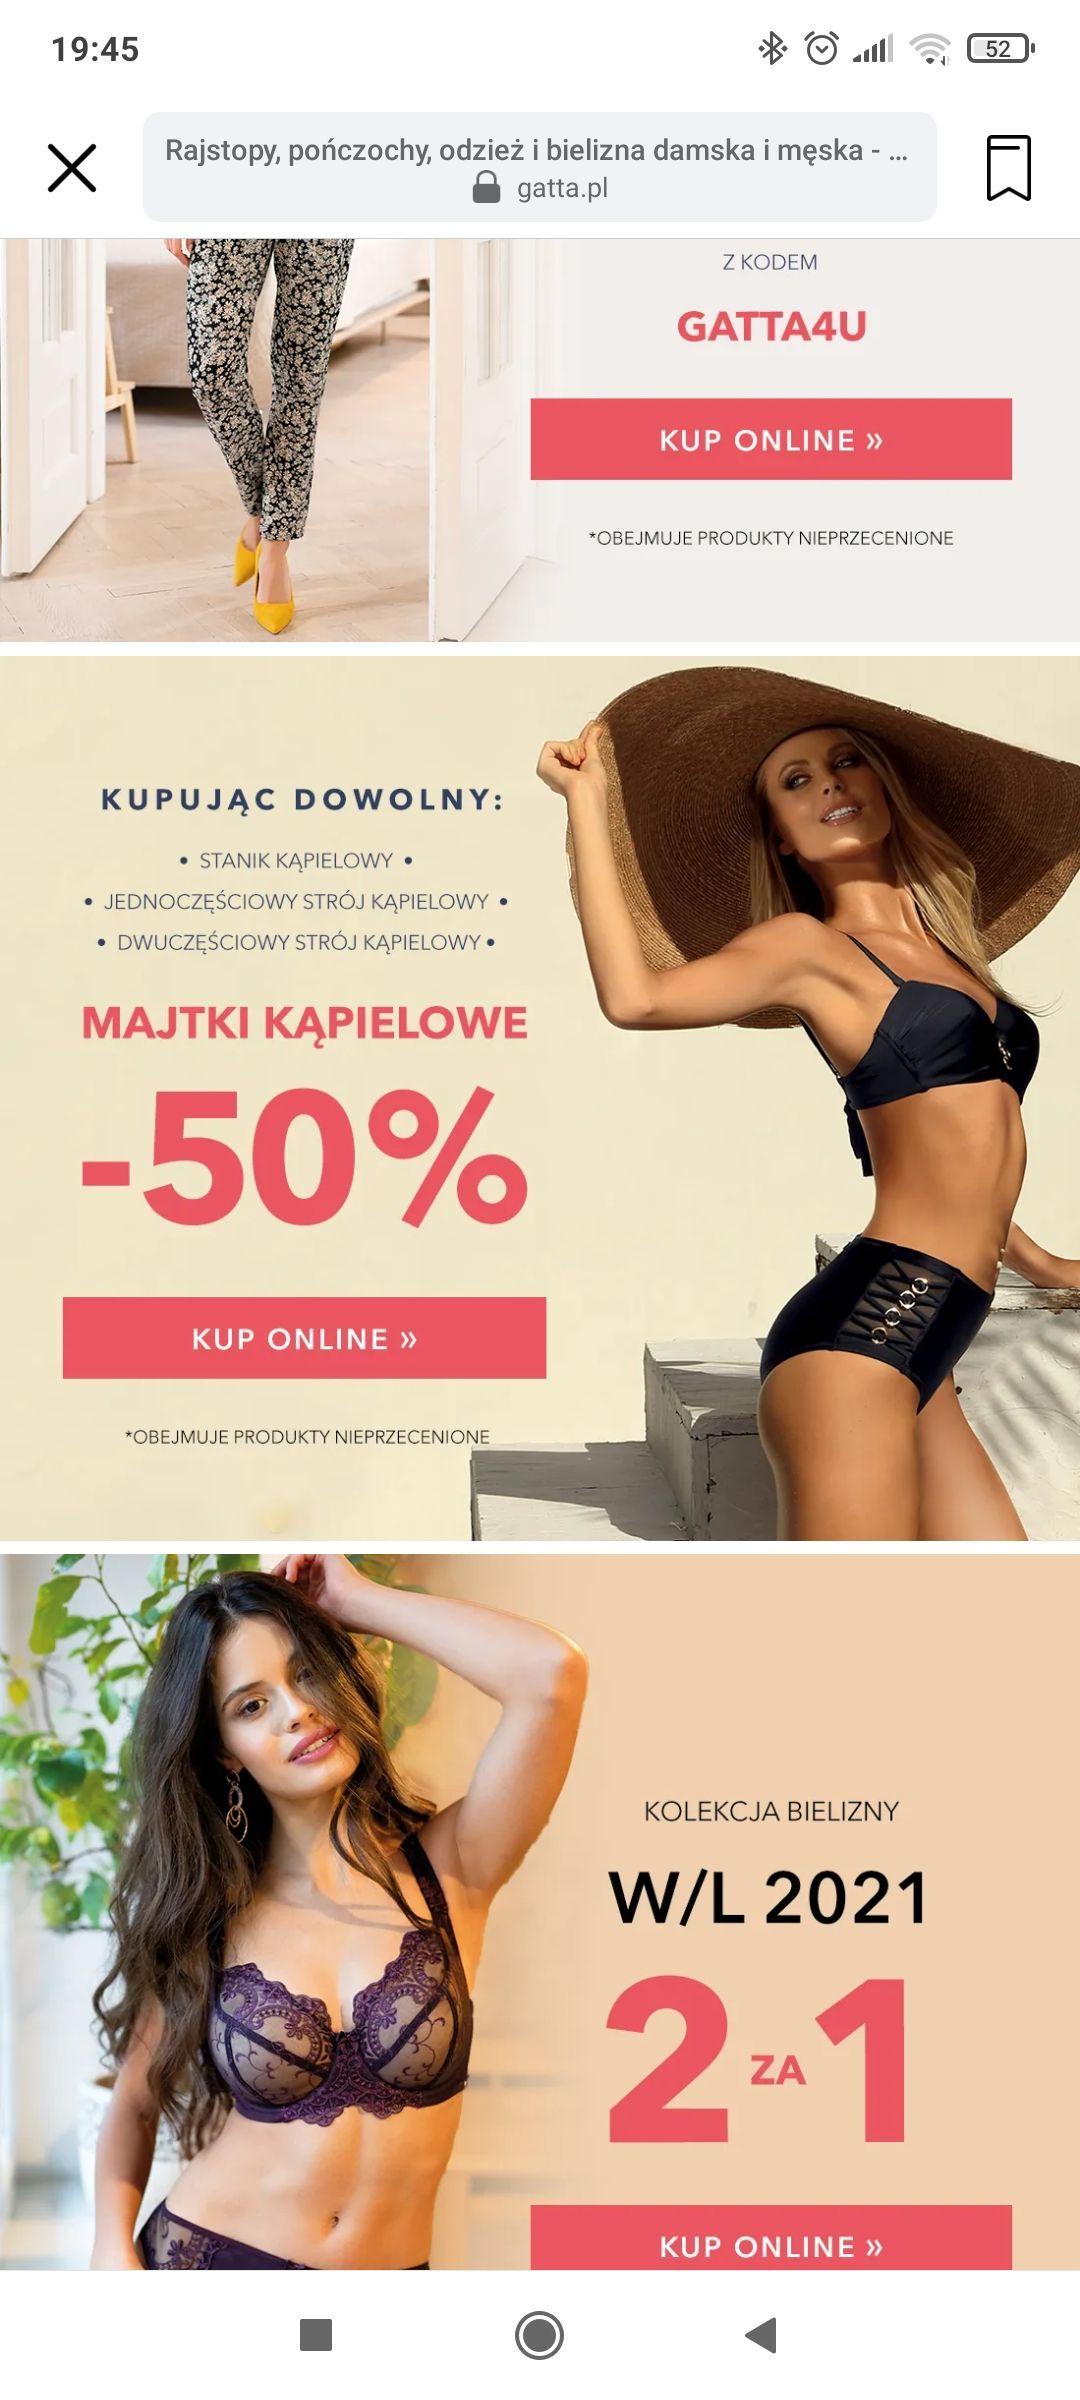 -50% na majtki kąpielowe Gatta przy zakupie dowolnego stanika kąpielowego, dwuczęściowego lub jednoczęściowego stroju